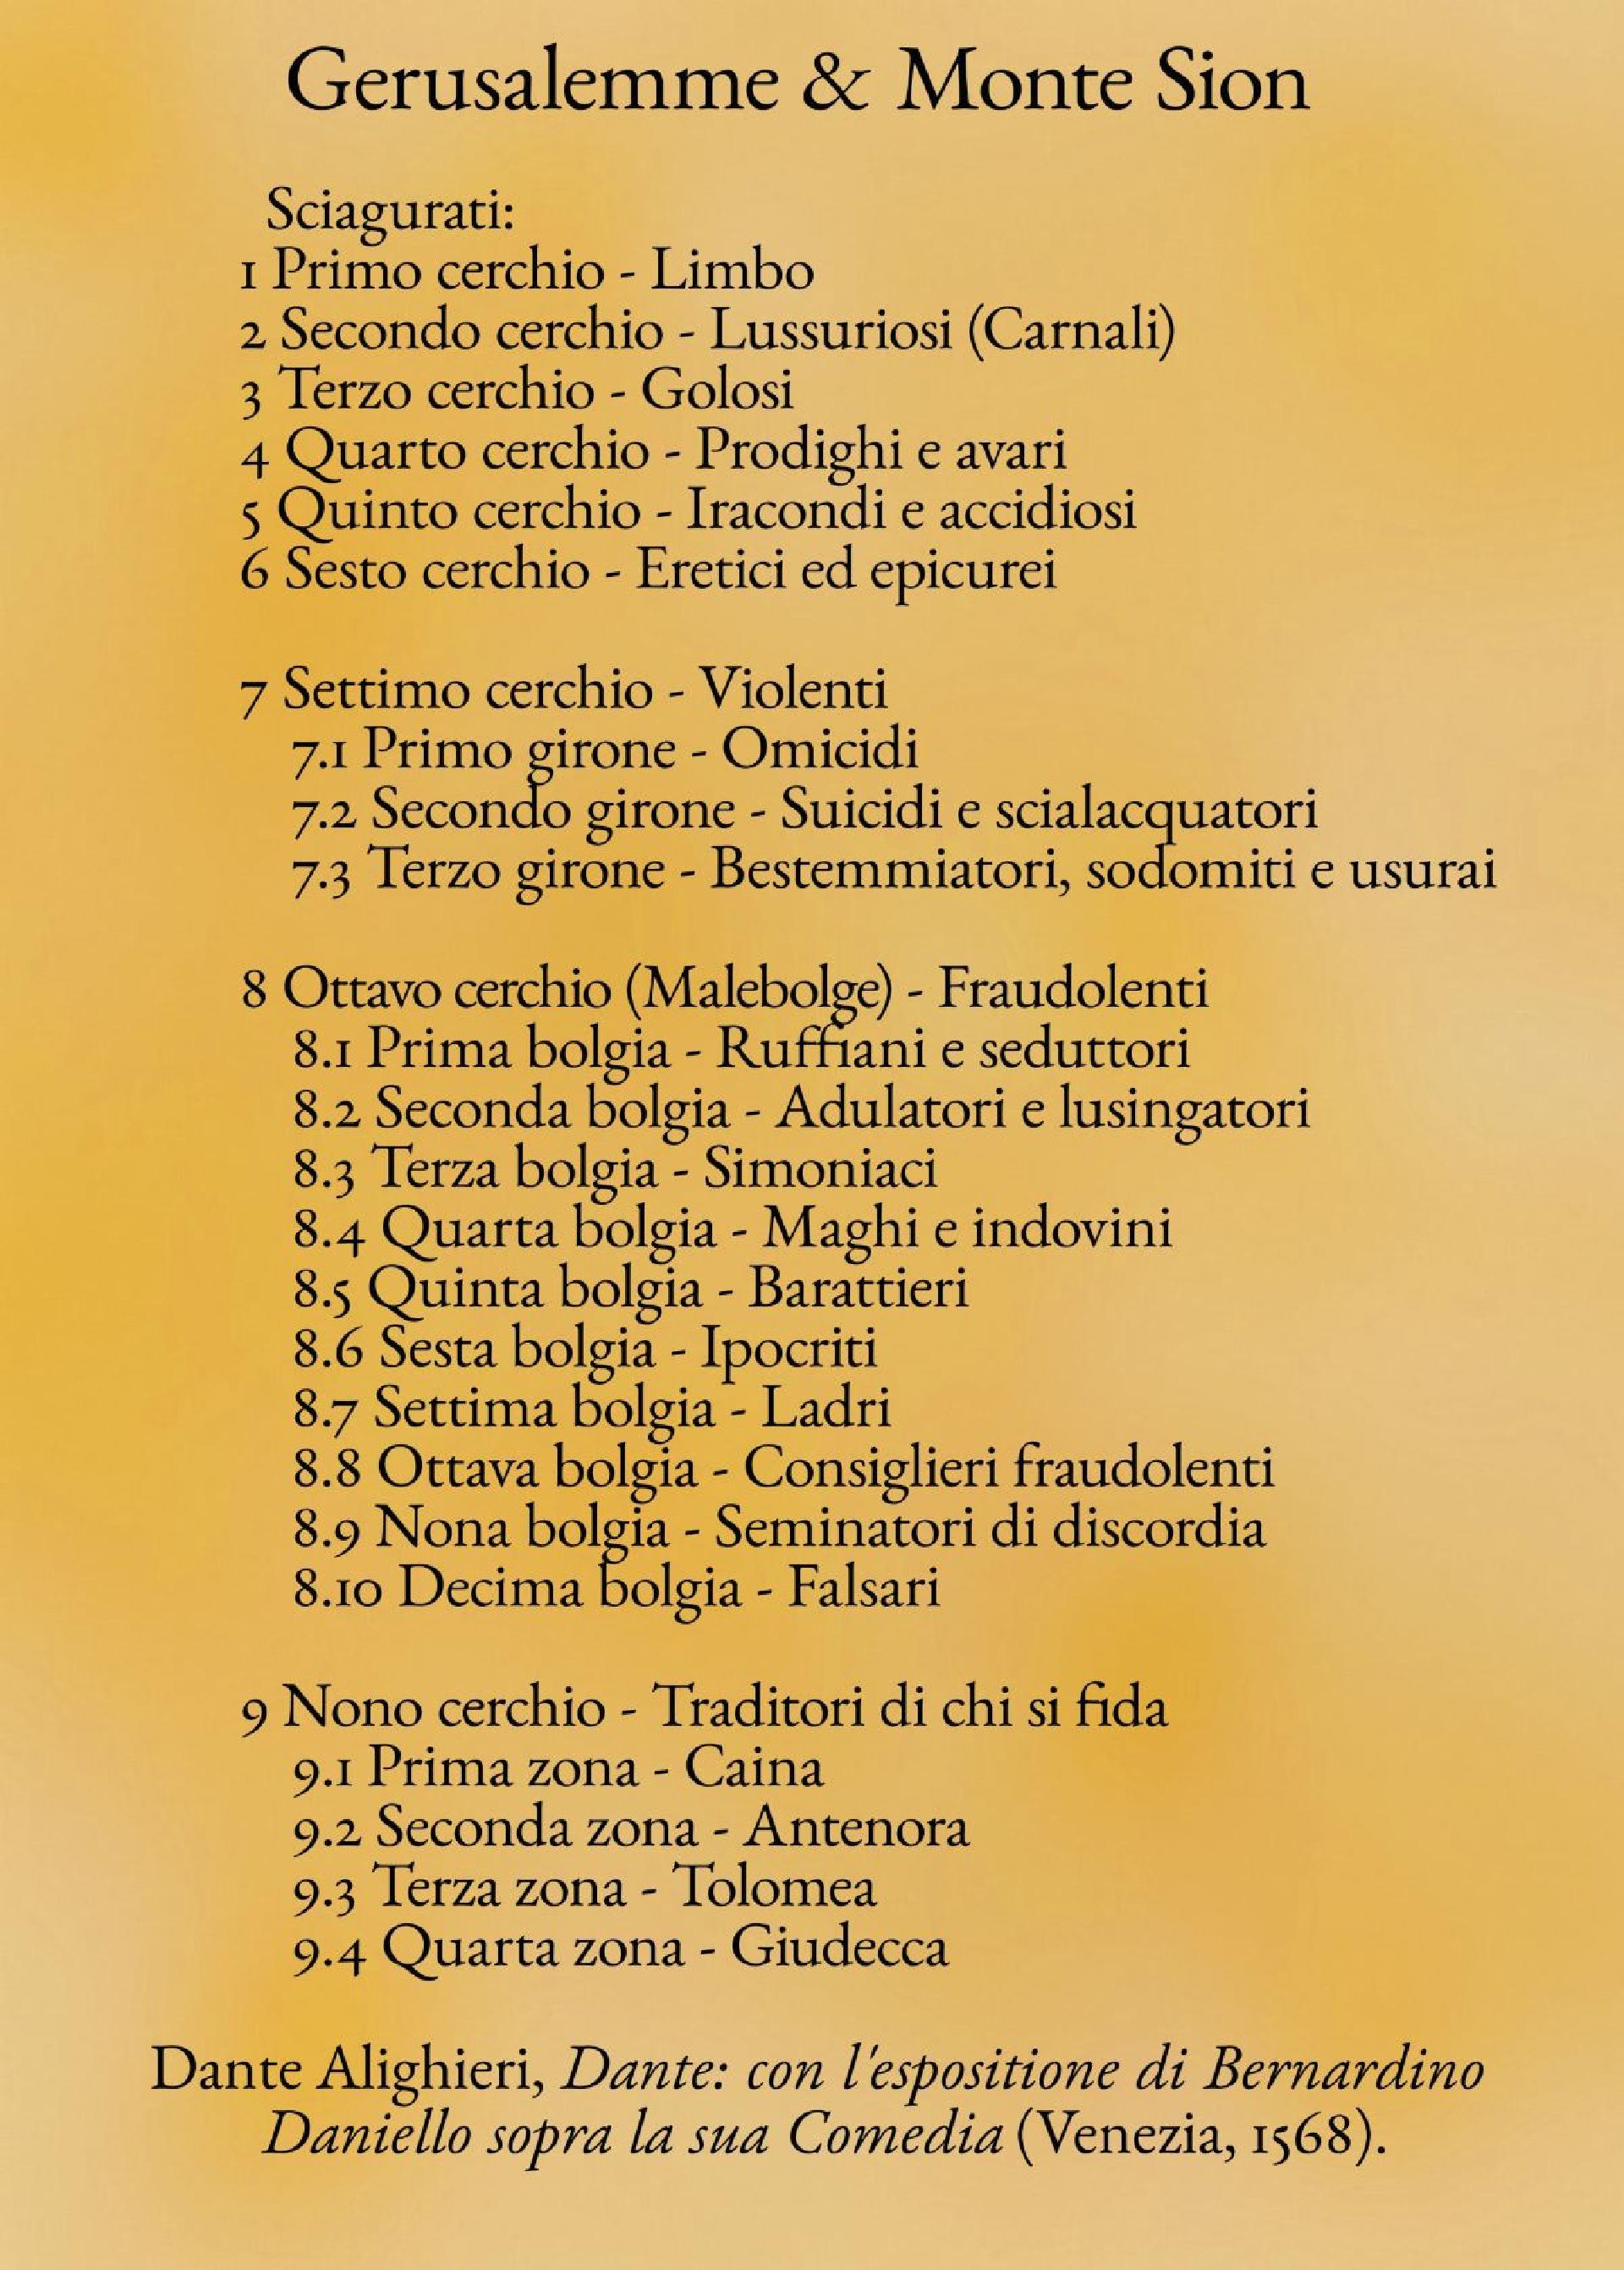 Dante di Bernardino Daniello - legenda